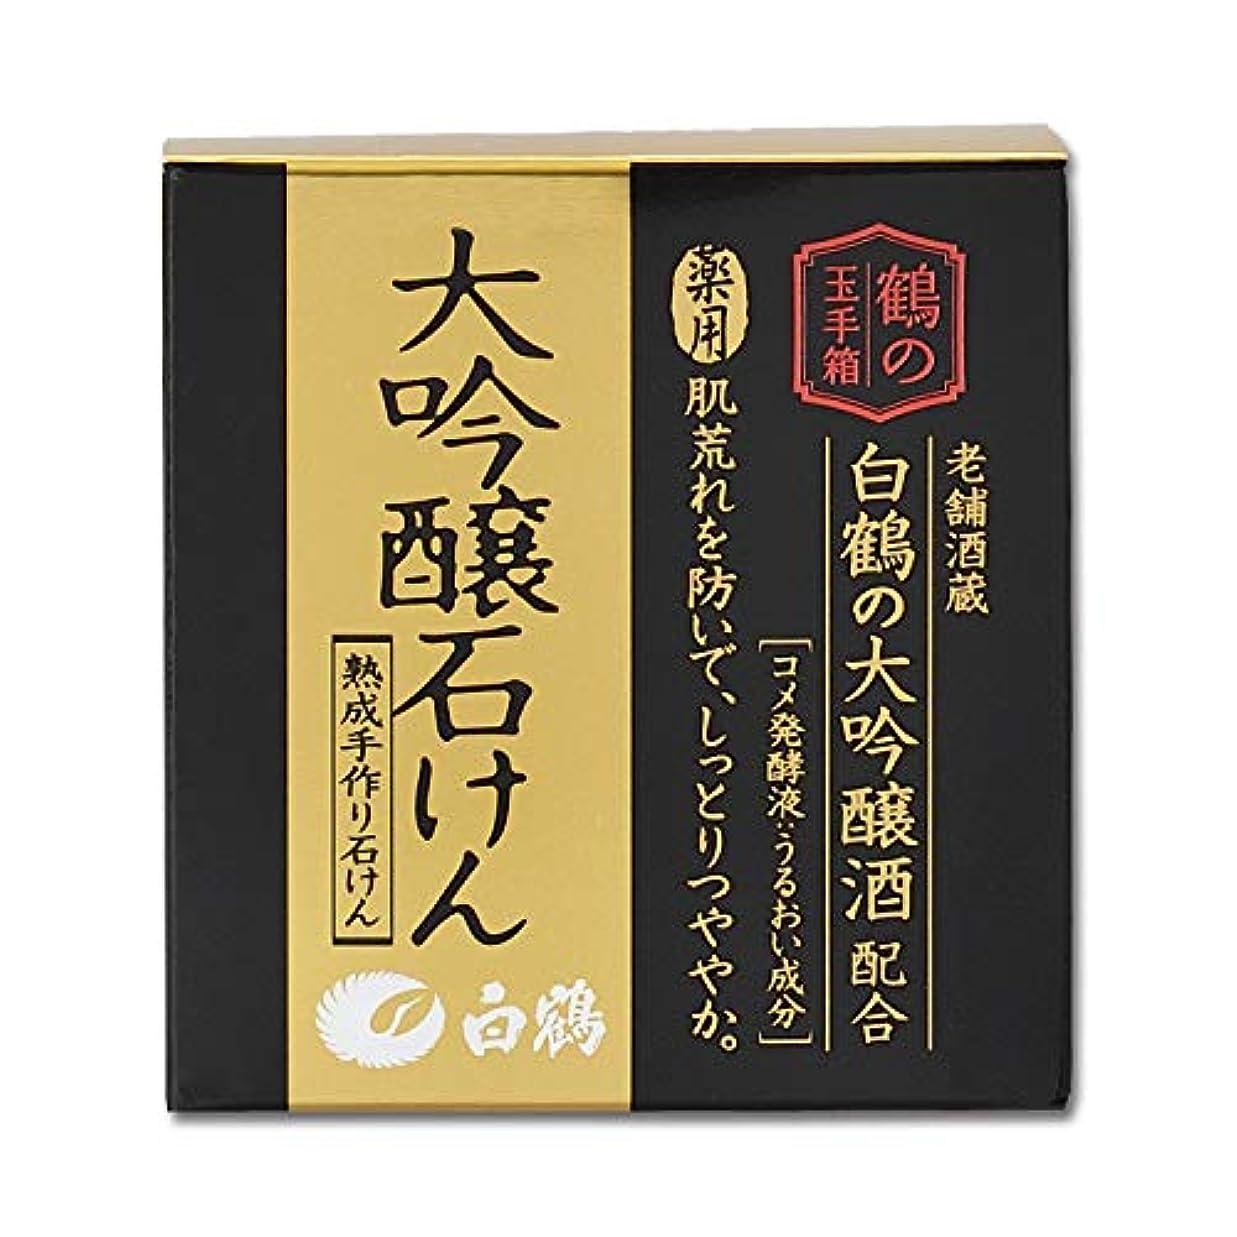 要求囲まれたスイ白鶴 鶴の玉手箱 薬用 大吟醸石けん 100g (医薬部外品)